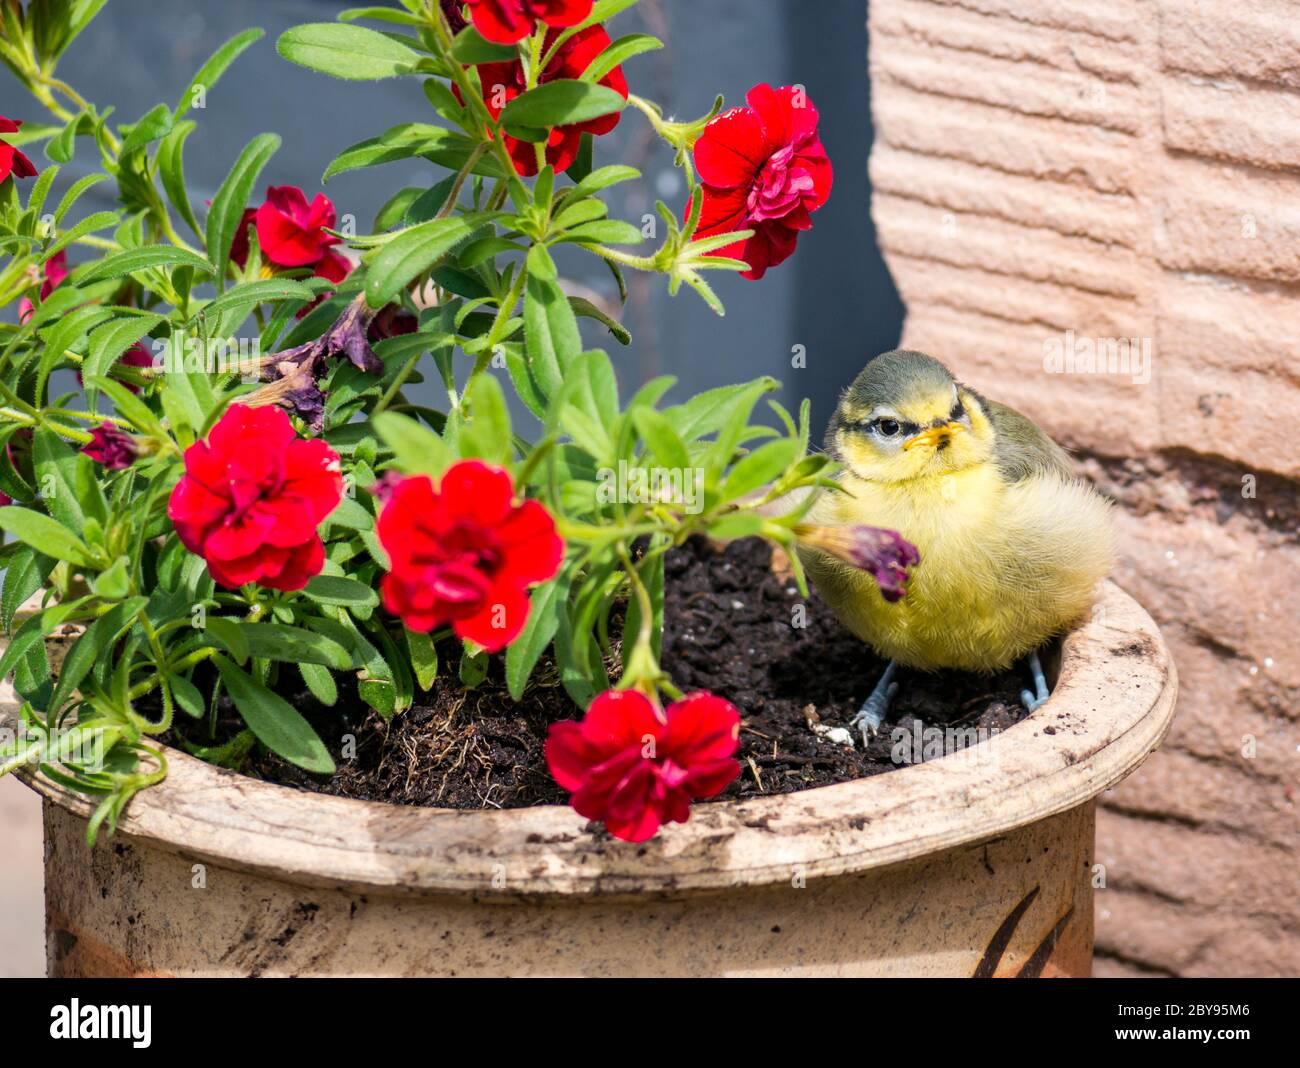 blue-tit-fledgling-in-flowerpot-on-sunny